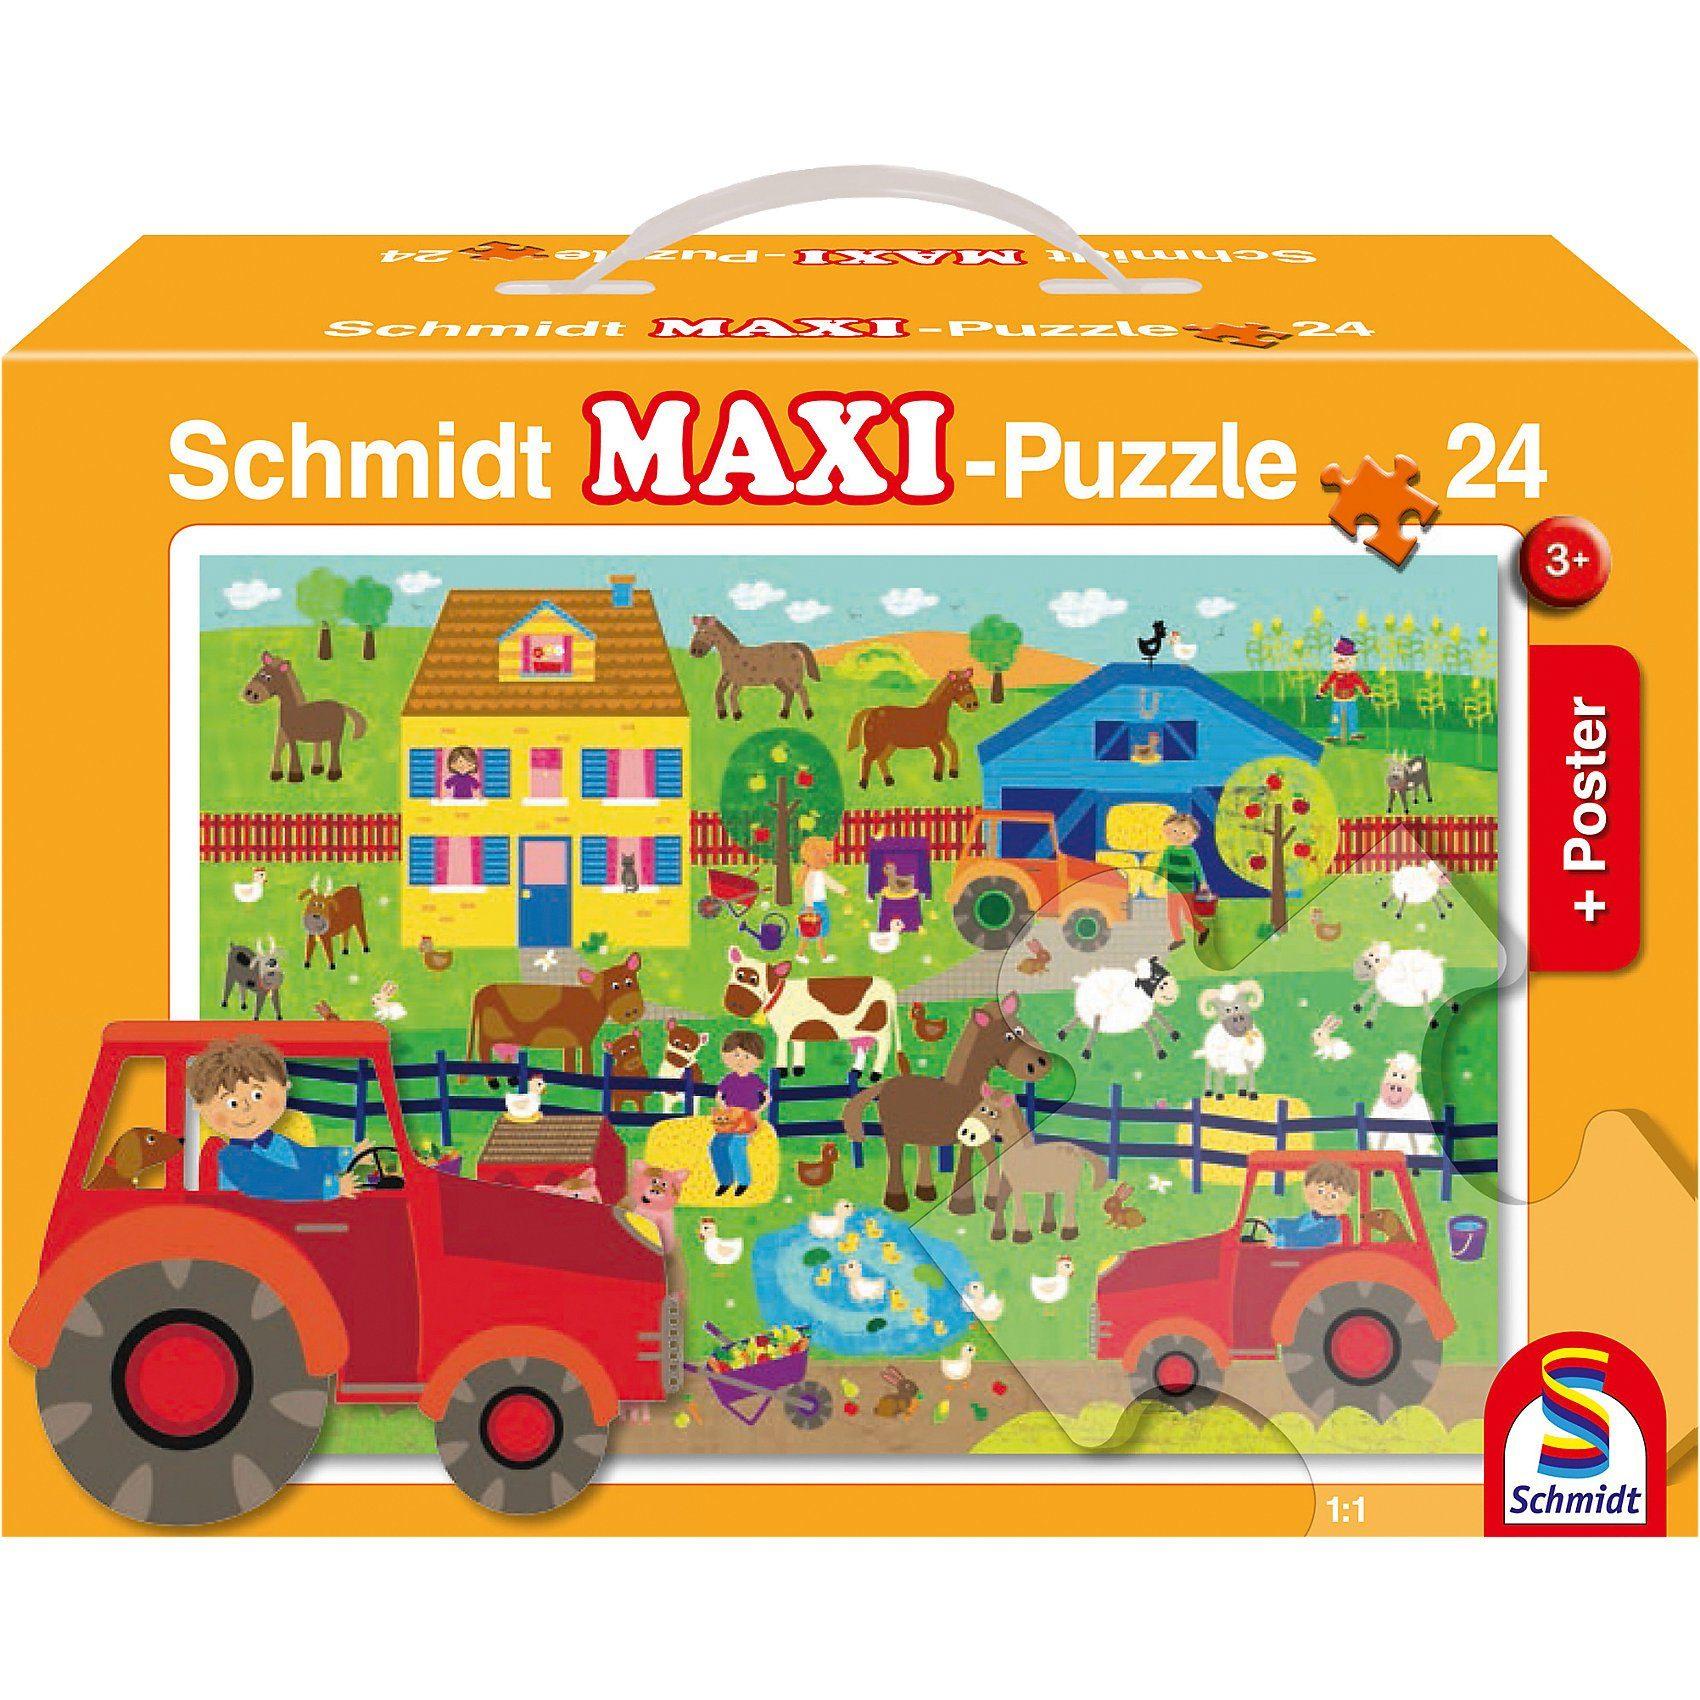 Schmidt Spiele Bodenpuzzle, Auf dem Bauernhof (inkl. Poster), 24 Teile